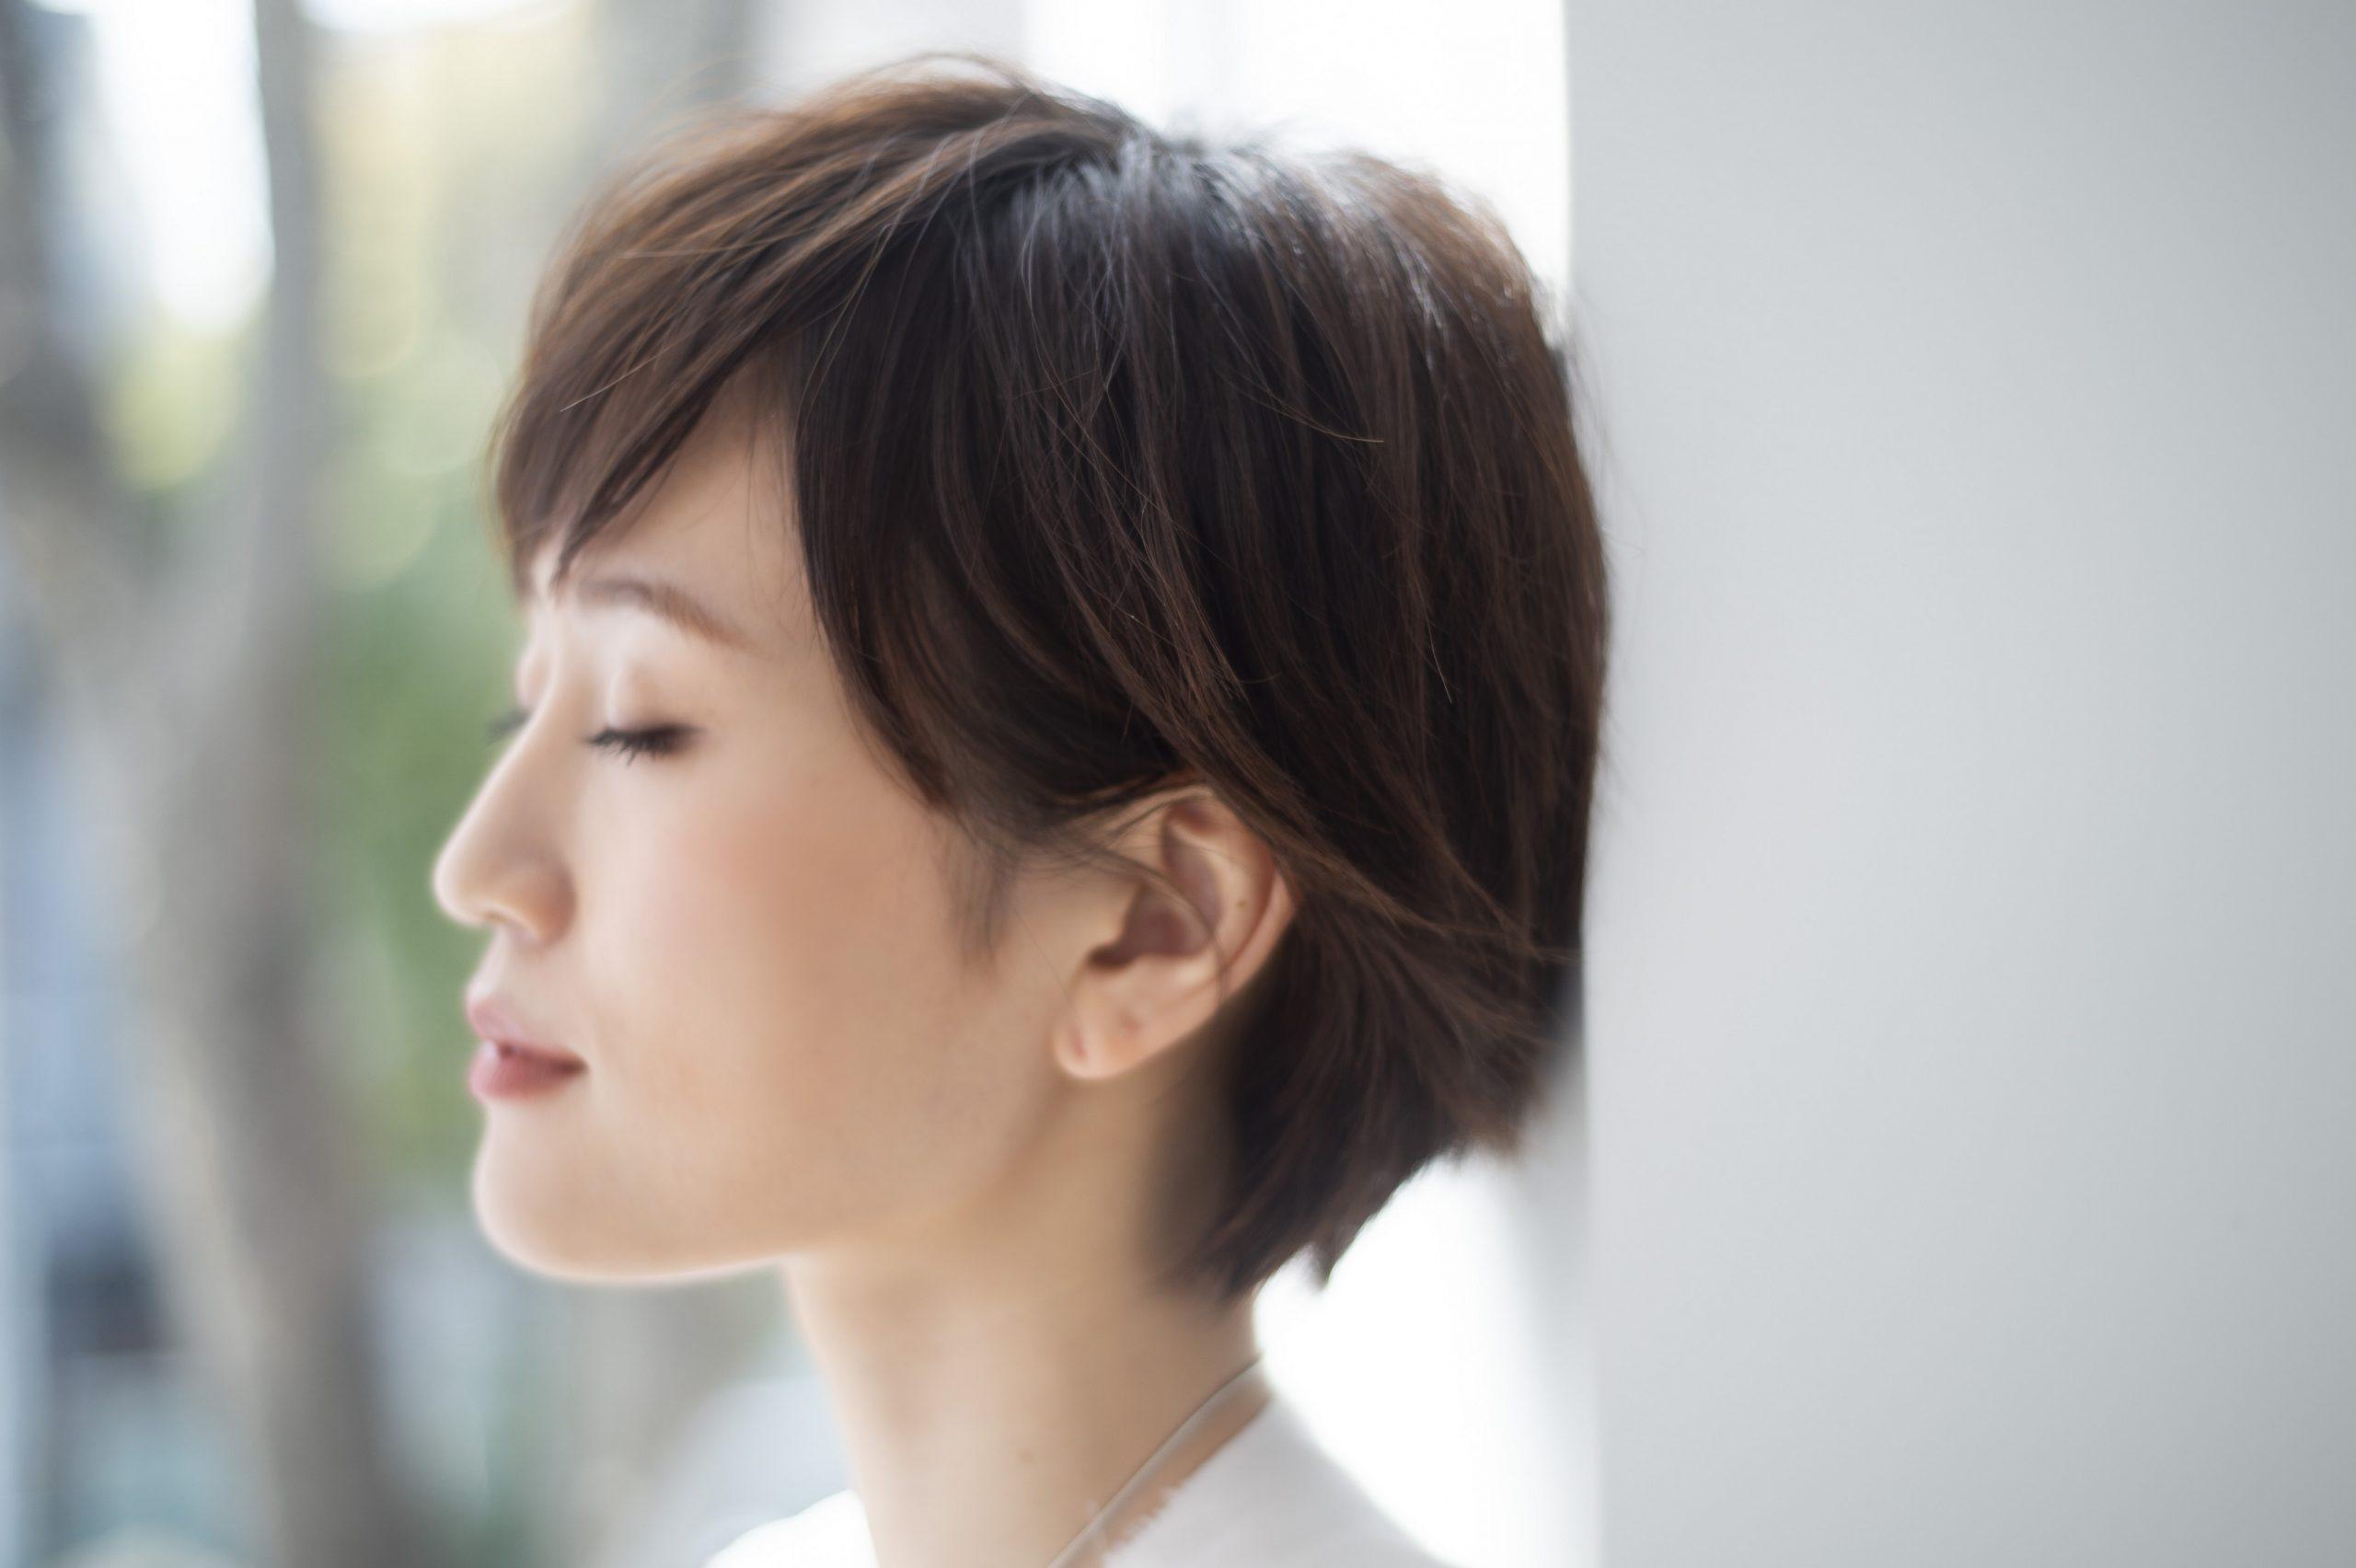 勝地涼さんとの離婚を発表した前田敦子さん3